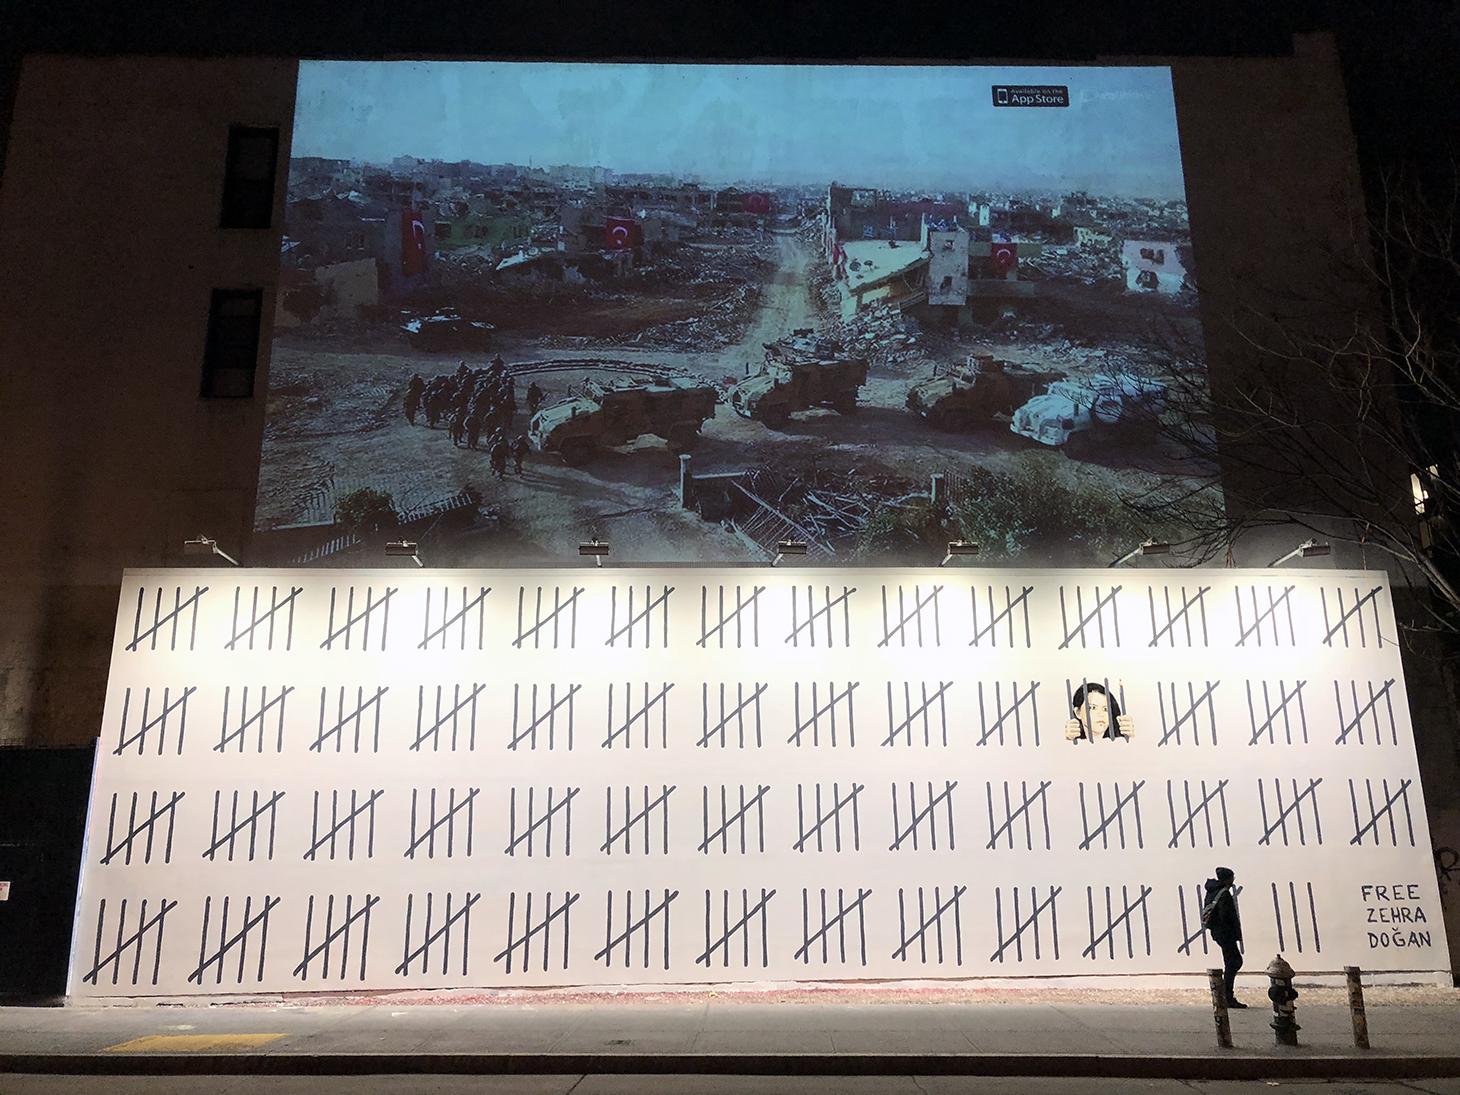 Free Zehra, il nuovo murales di Banksy contro la censura turca | Collater.al 2